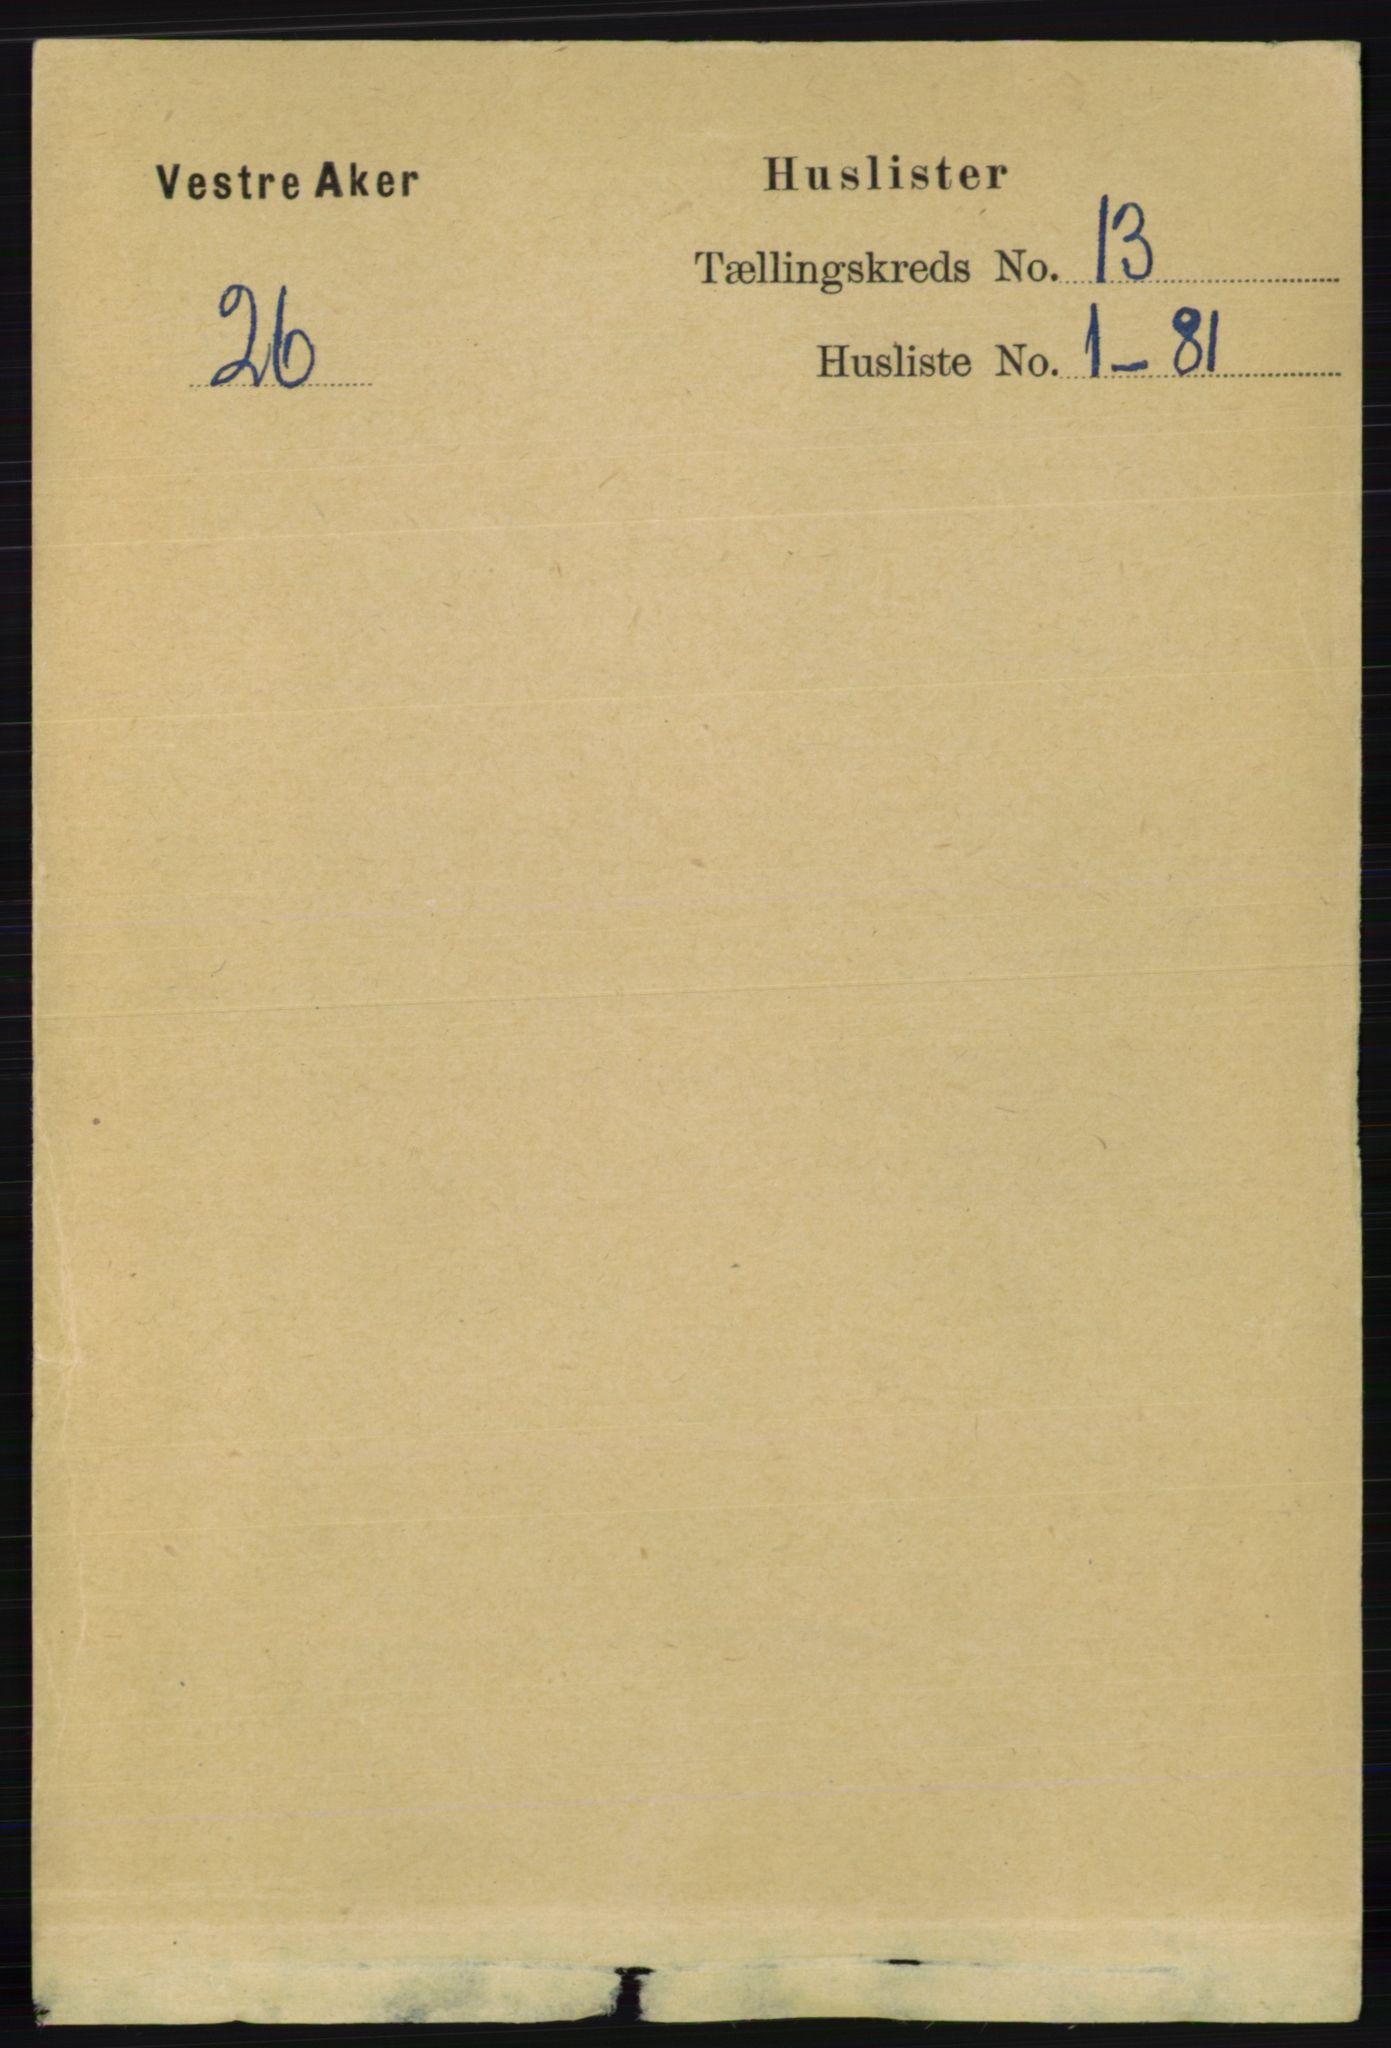 RA, Folketelling 1891 for 0218 Aker herred, 1891, s. 12026